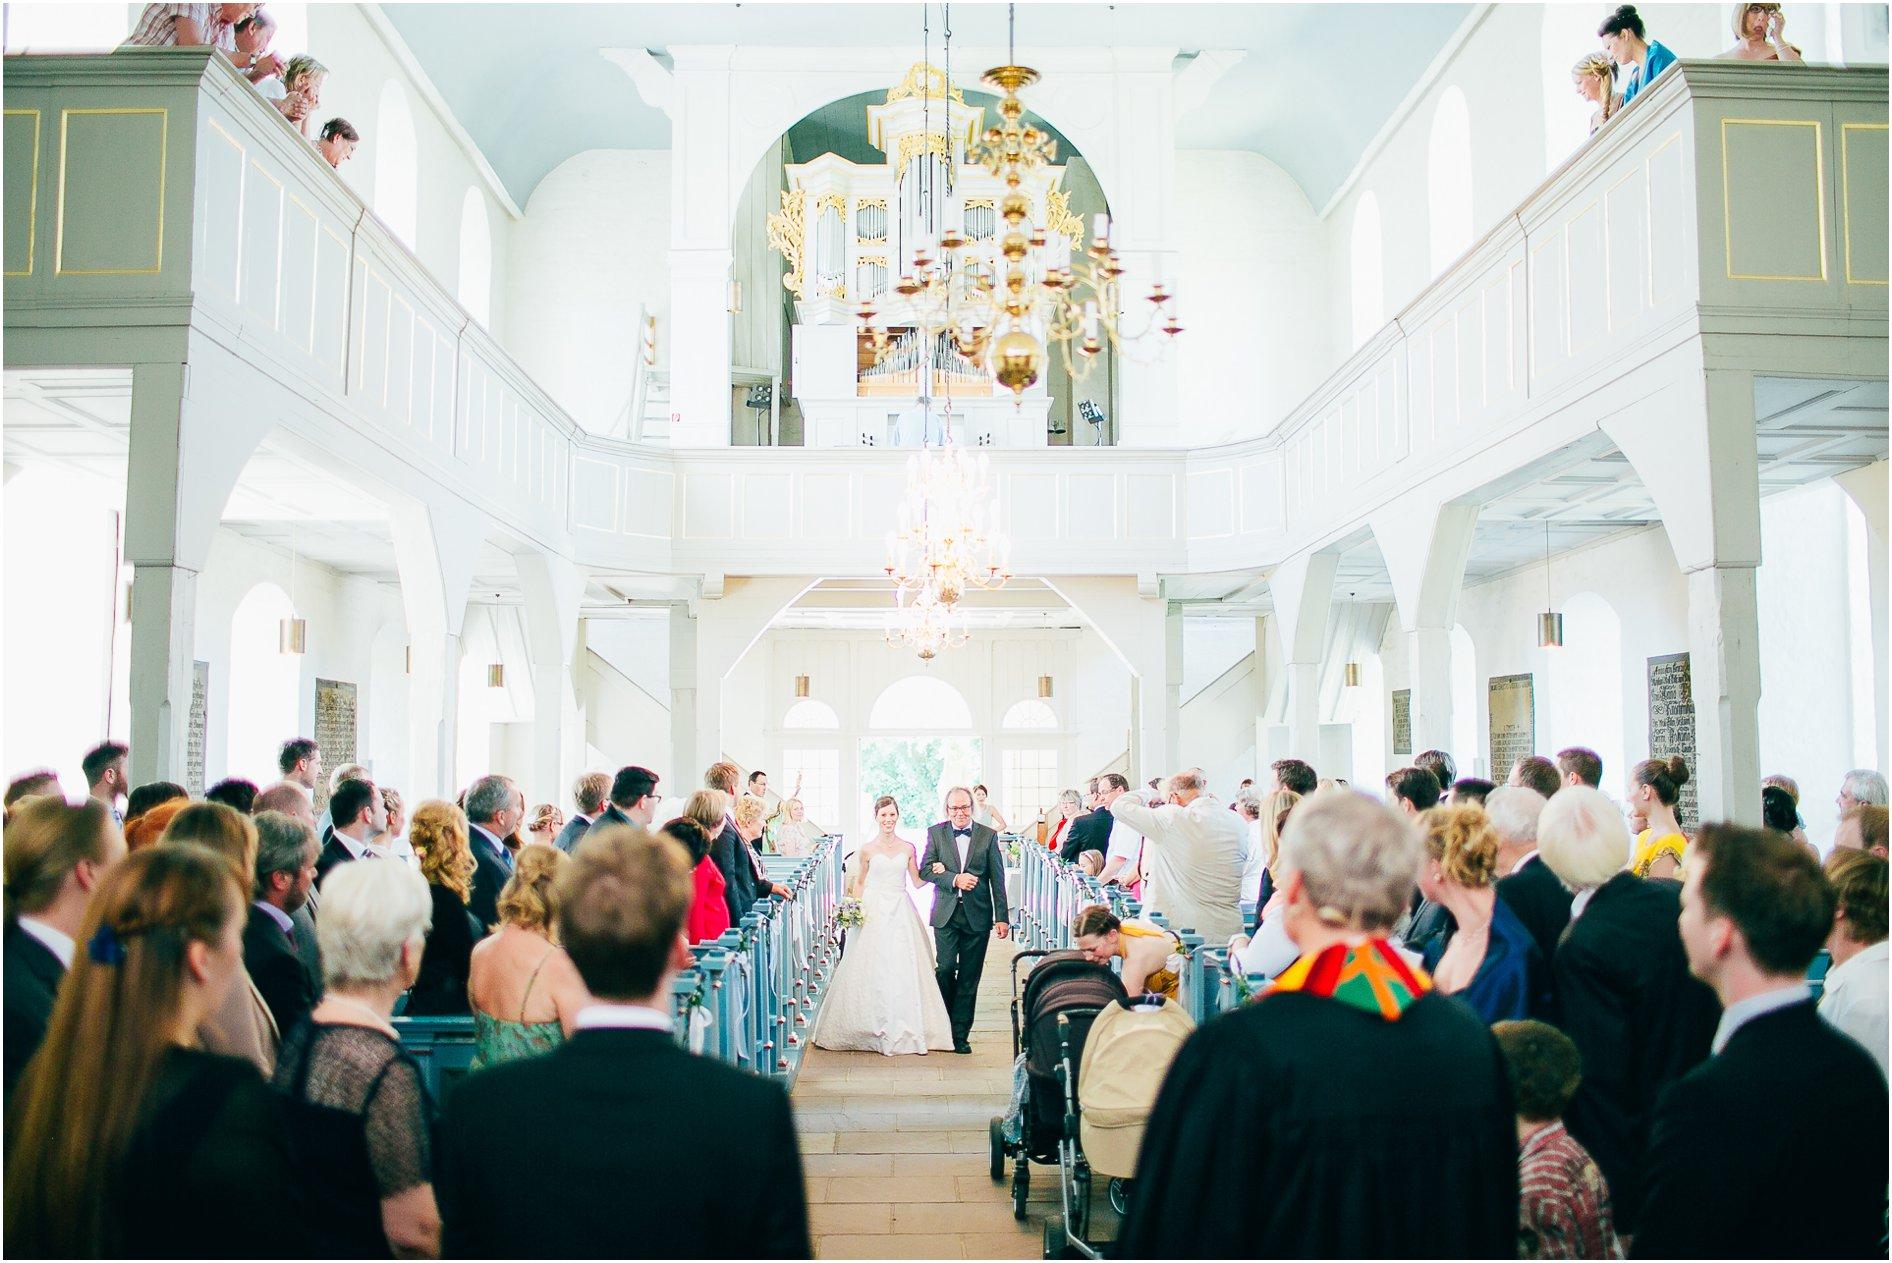 2014-08-07_0038 Wiebke und Marcio - Hochzeitsfotograf in Lüneburg